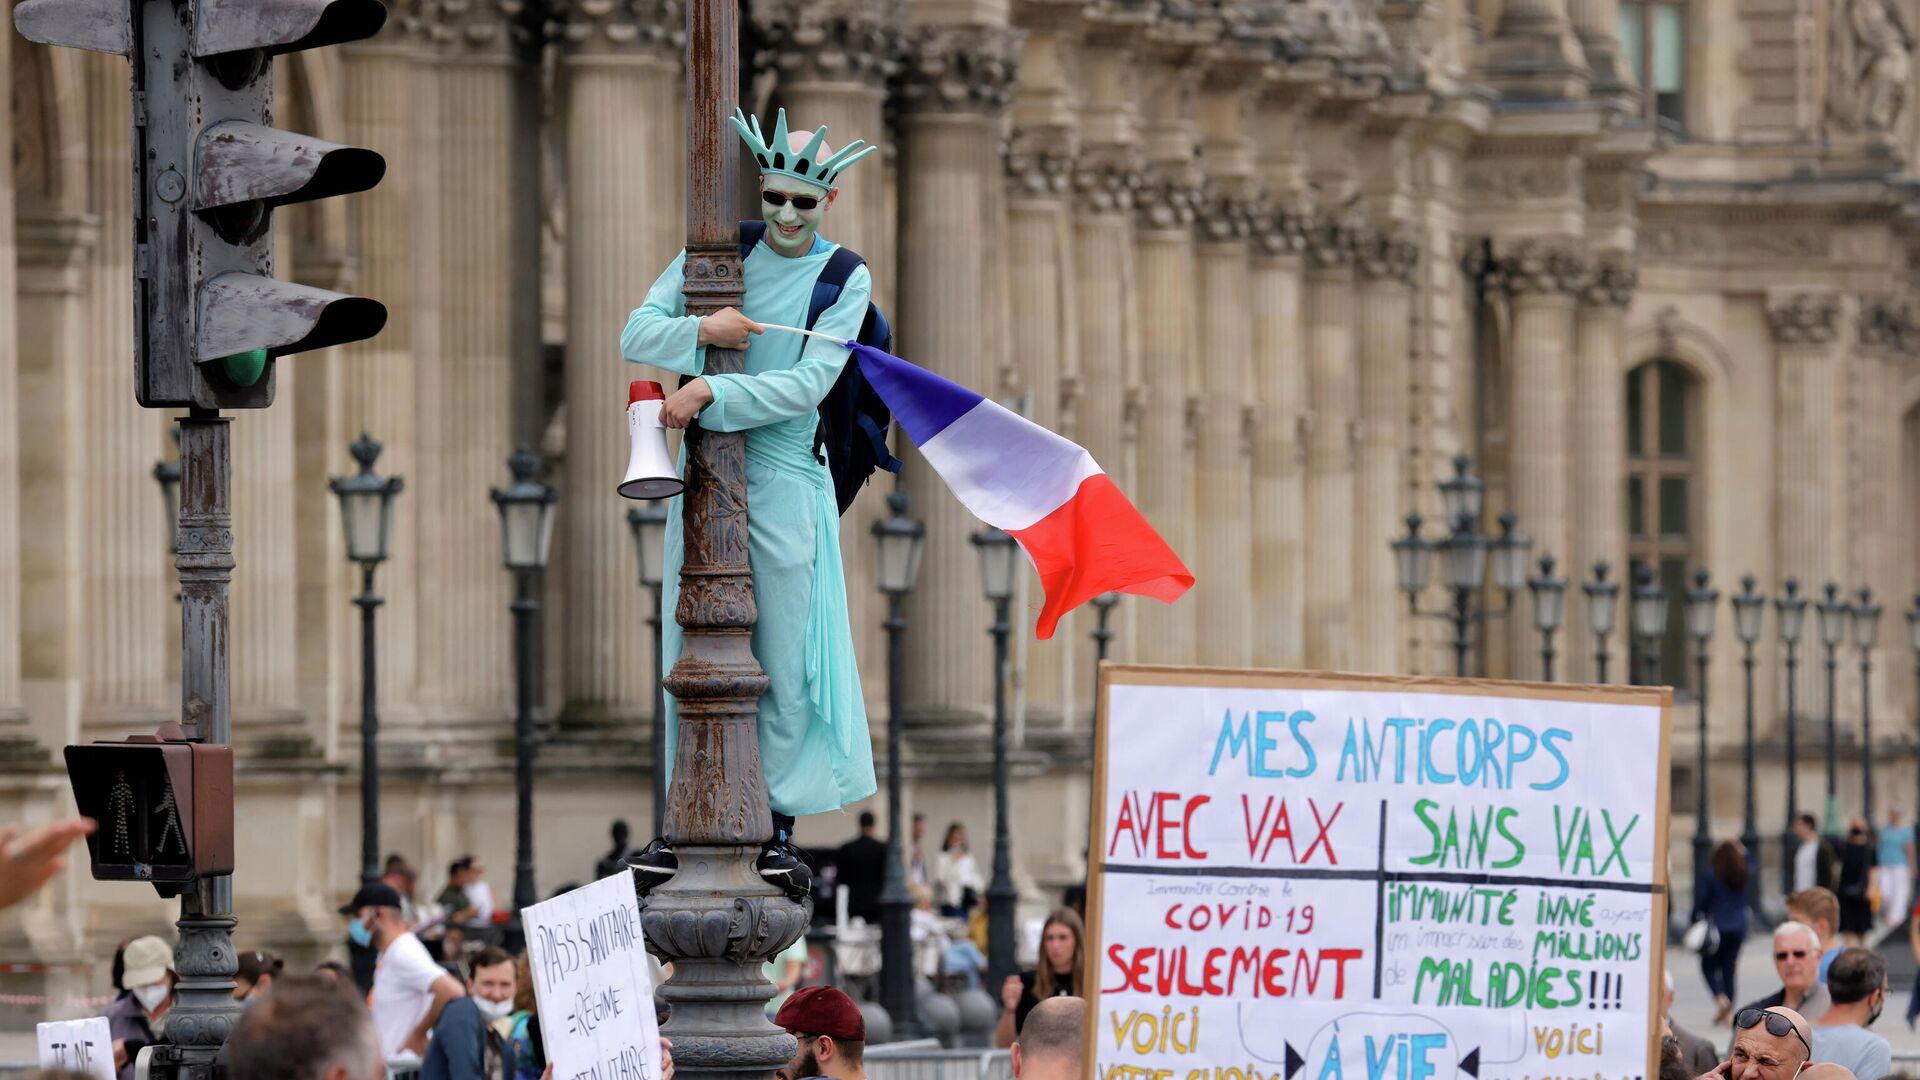 Участники акции протеста против санитарных пропусков в Париже - РИА Новости, 1920, 20.07.2021